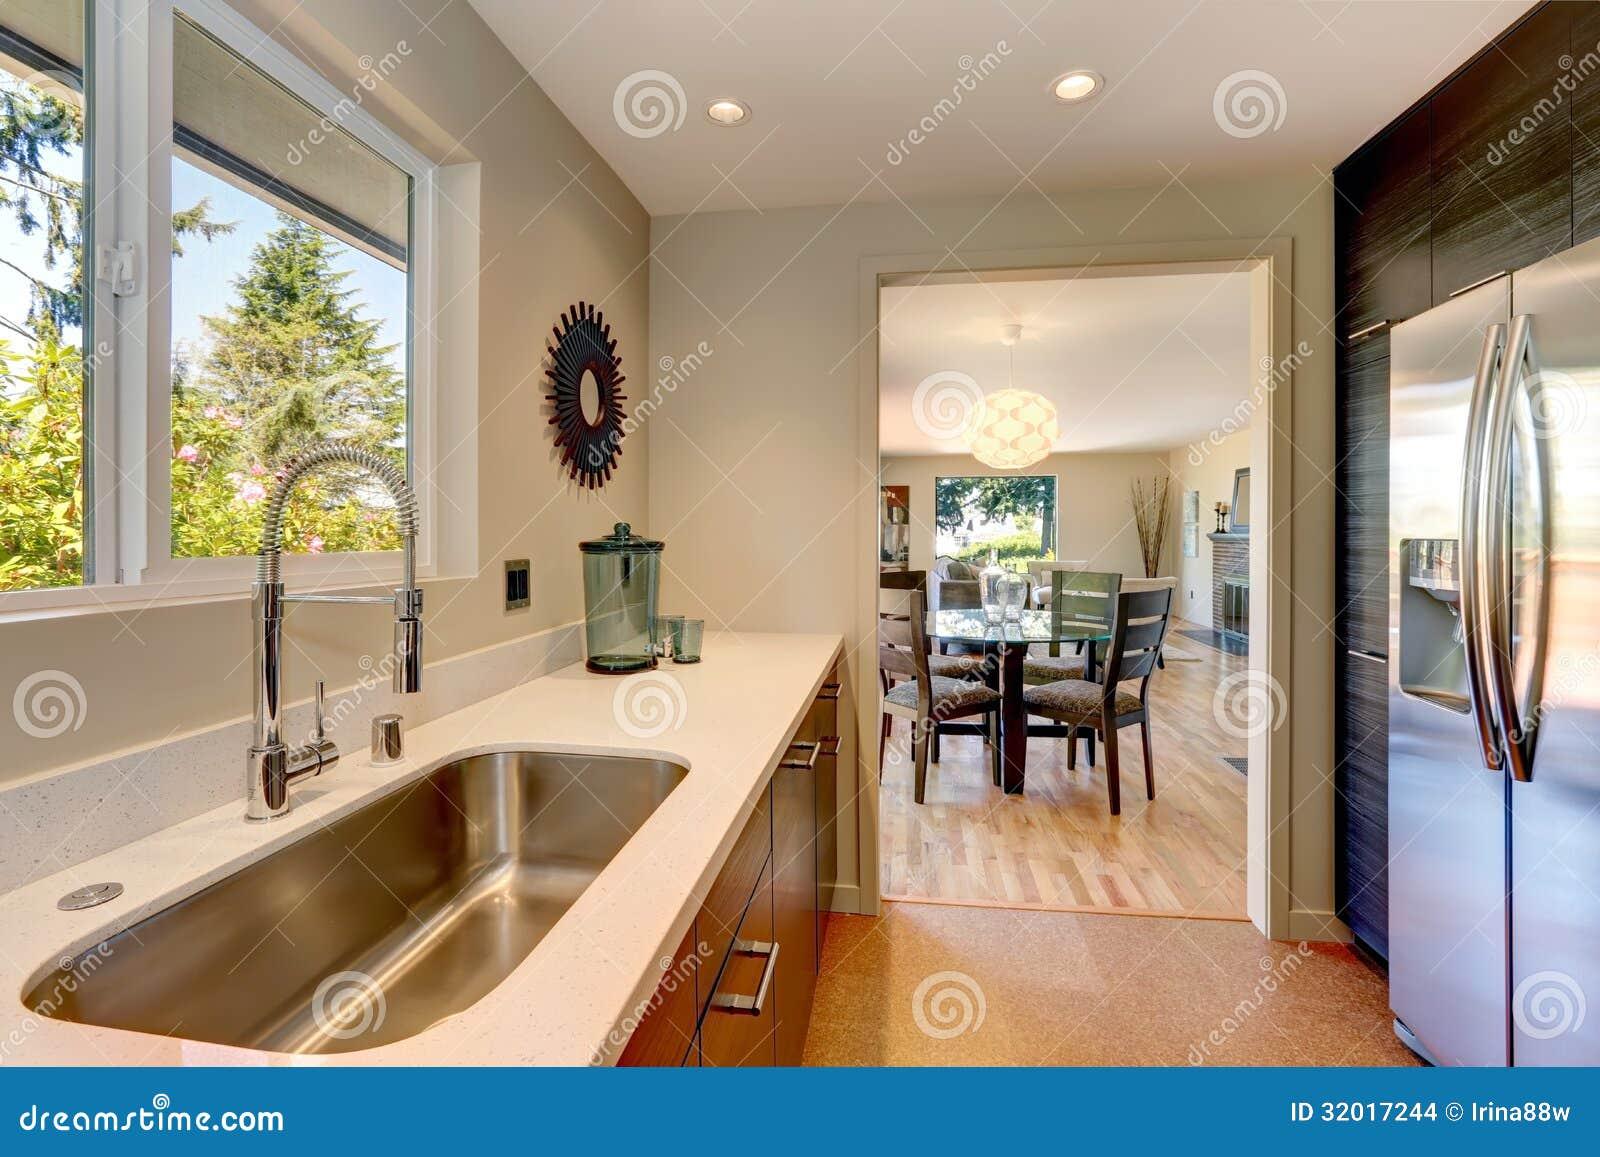 Modernt litet nytt kök med den stora vasken och vita countertops.